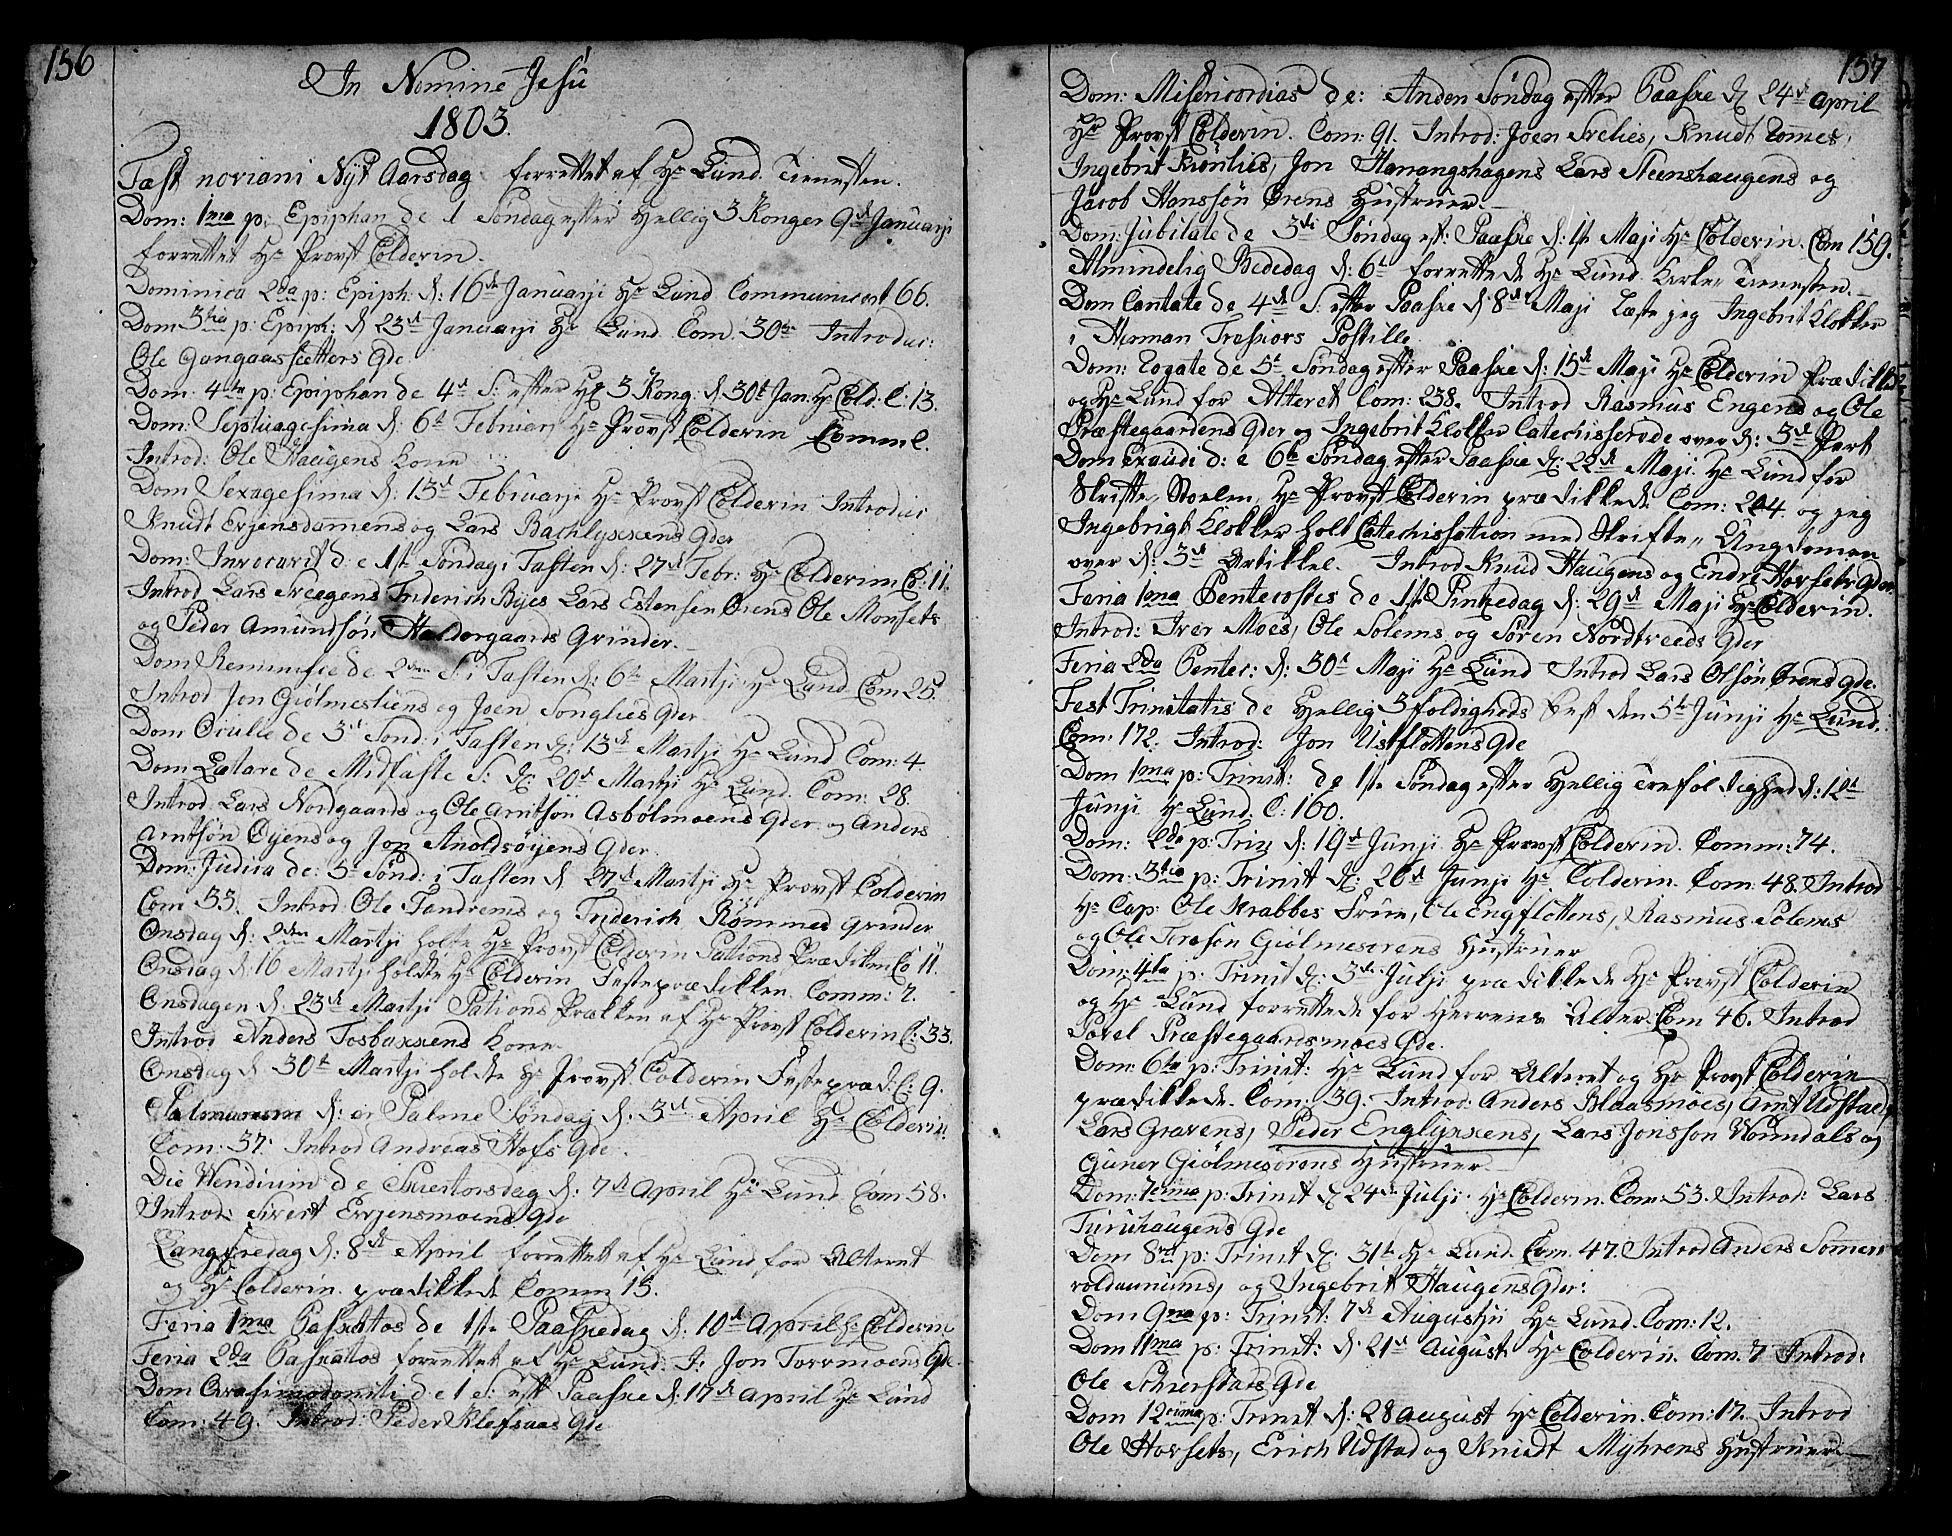 SAT, Ministerialprotokoller, klokkerbøker og fødselsregistre - Sør-Trøndelag, 668/L0815: Klokkerbok nr. 668C04, 1791-1815, s. 156-157